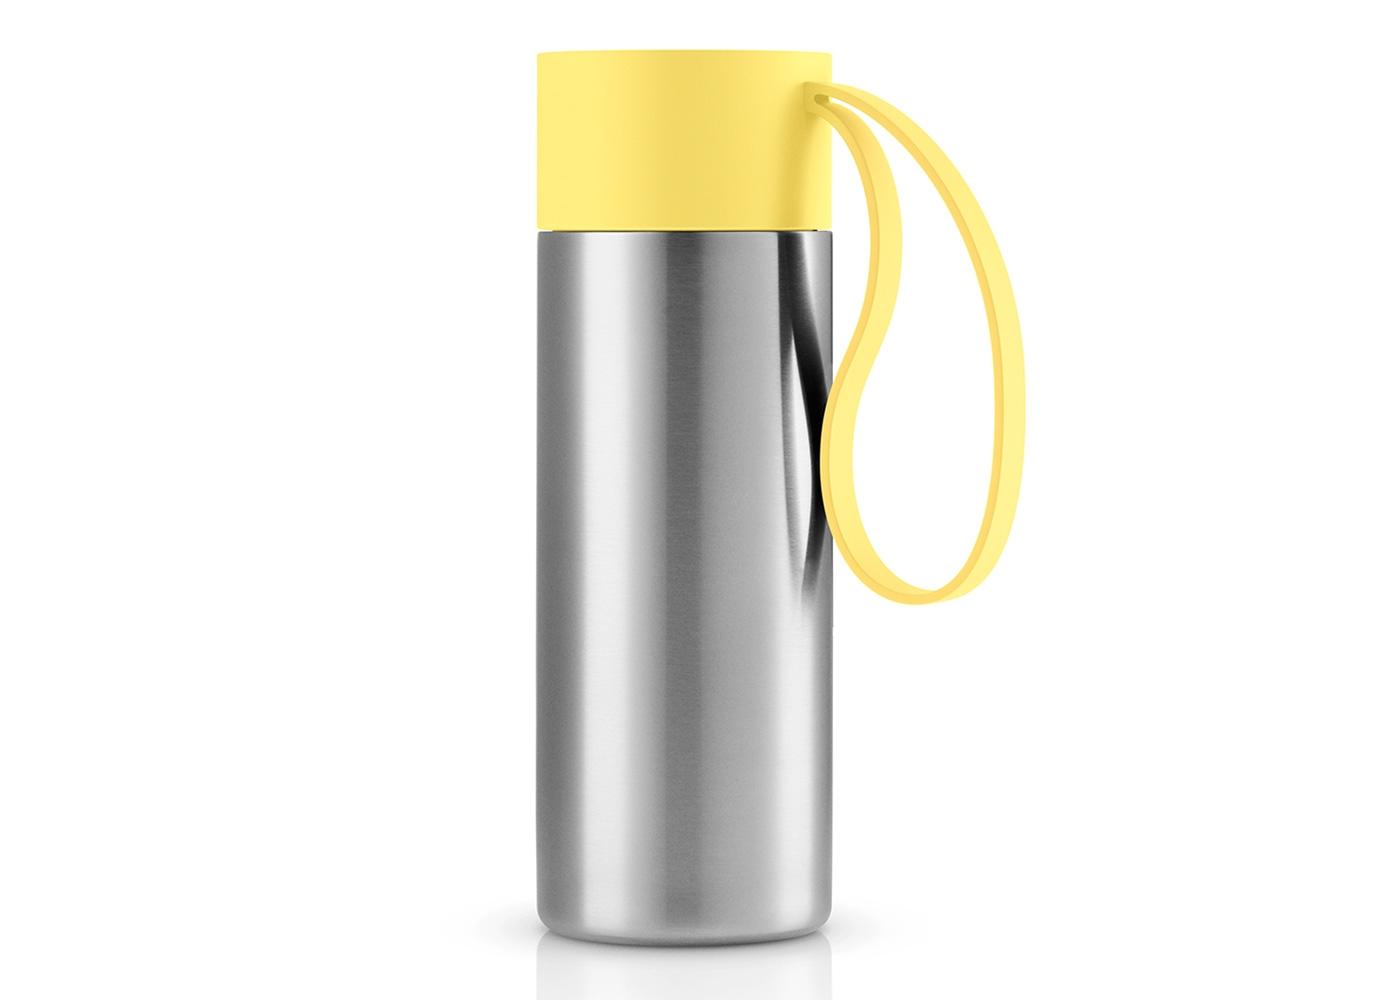 Термос To goТермосы<br>Термос, который можно брать с собой куда угодно. Крышка легко открывается и закрывается даже на ходу благодаря функциональному клапану, с которым легко справиться одной рукой. Наполните термос To Go кофе или другим напитком - и двойные герметичные стенки надёжно сохранят напиток горячим или холодным. Практичный силиконовый ремешок поможет взять термос с собой и всегда иметь возможность выпить горячего или холодного напитка.<br>Изготовлен из стали, пластика и силикона. Можно мыть в посудомоечной машине.&amp;amp;nbsp;&amp;lt;div&amp;gt;&amp;lt;br&amp;gt;&amp;lt;/div&amp;gt;&amp;lt;div&amp;gt;Объём 350 мл.&amp;amp;nbsp;&amp;lt;/div&amp;gt;<br><br>Material: Металл<br>Высота см: 20